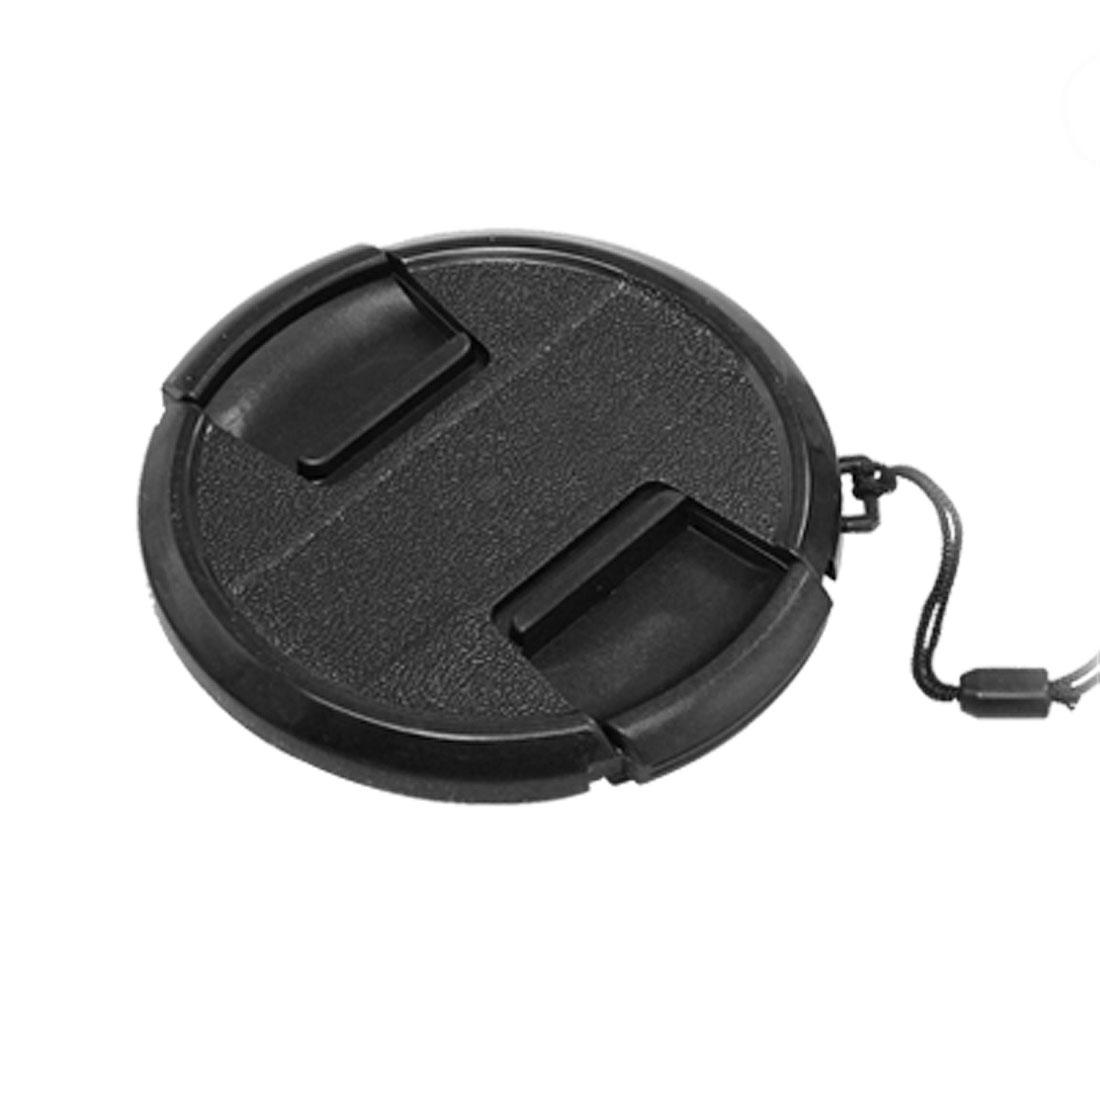 77mm Center Pinch Lens Cap Cover for SLR DSLR Camera